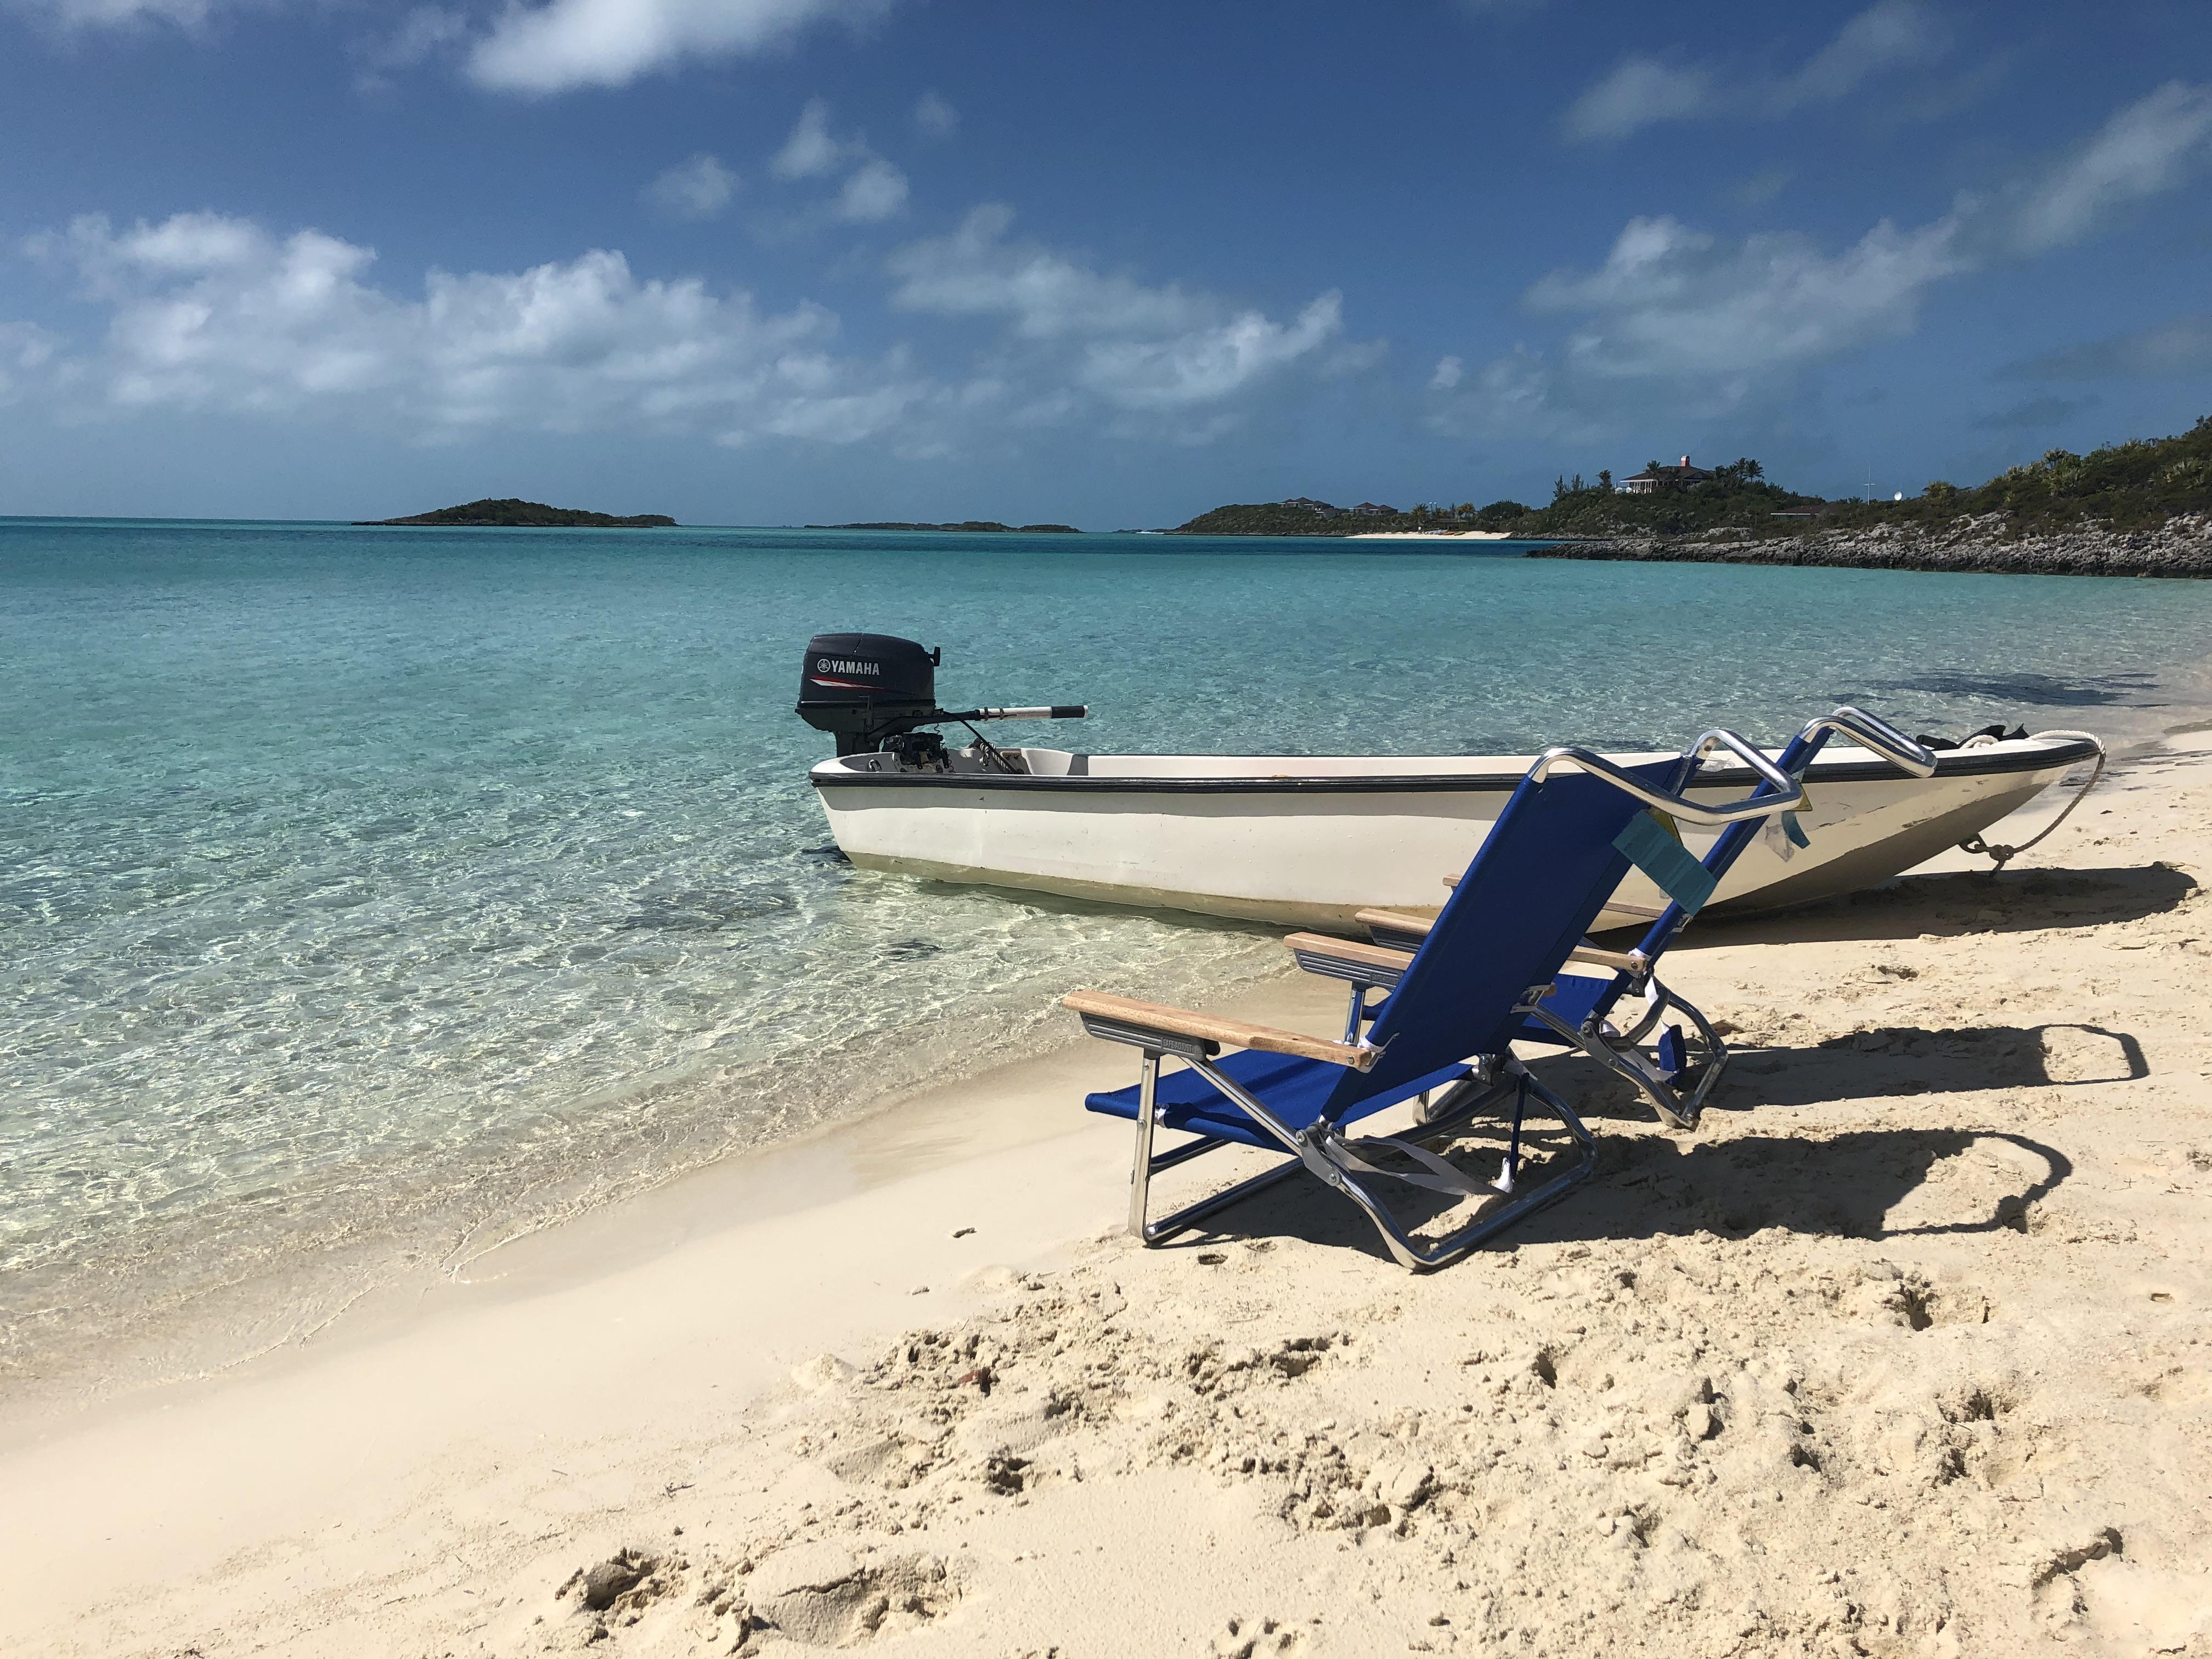 Staniel Cay Yacht Club | Trails Unblazed